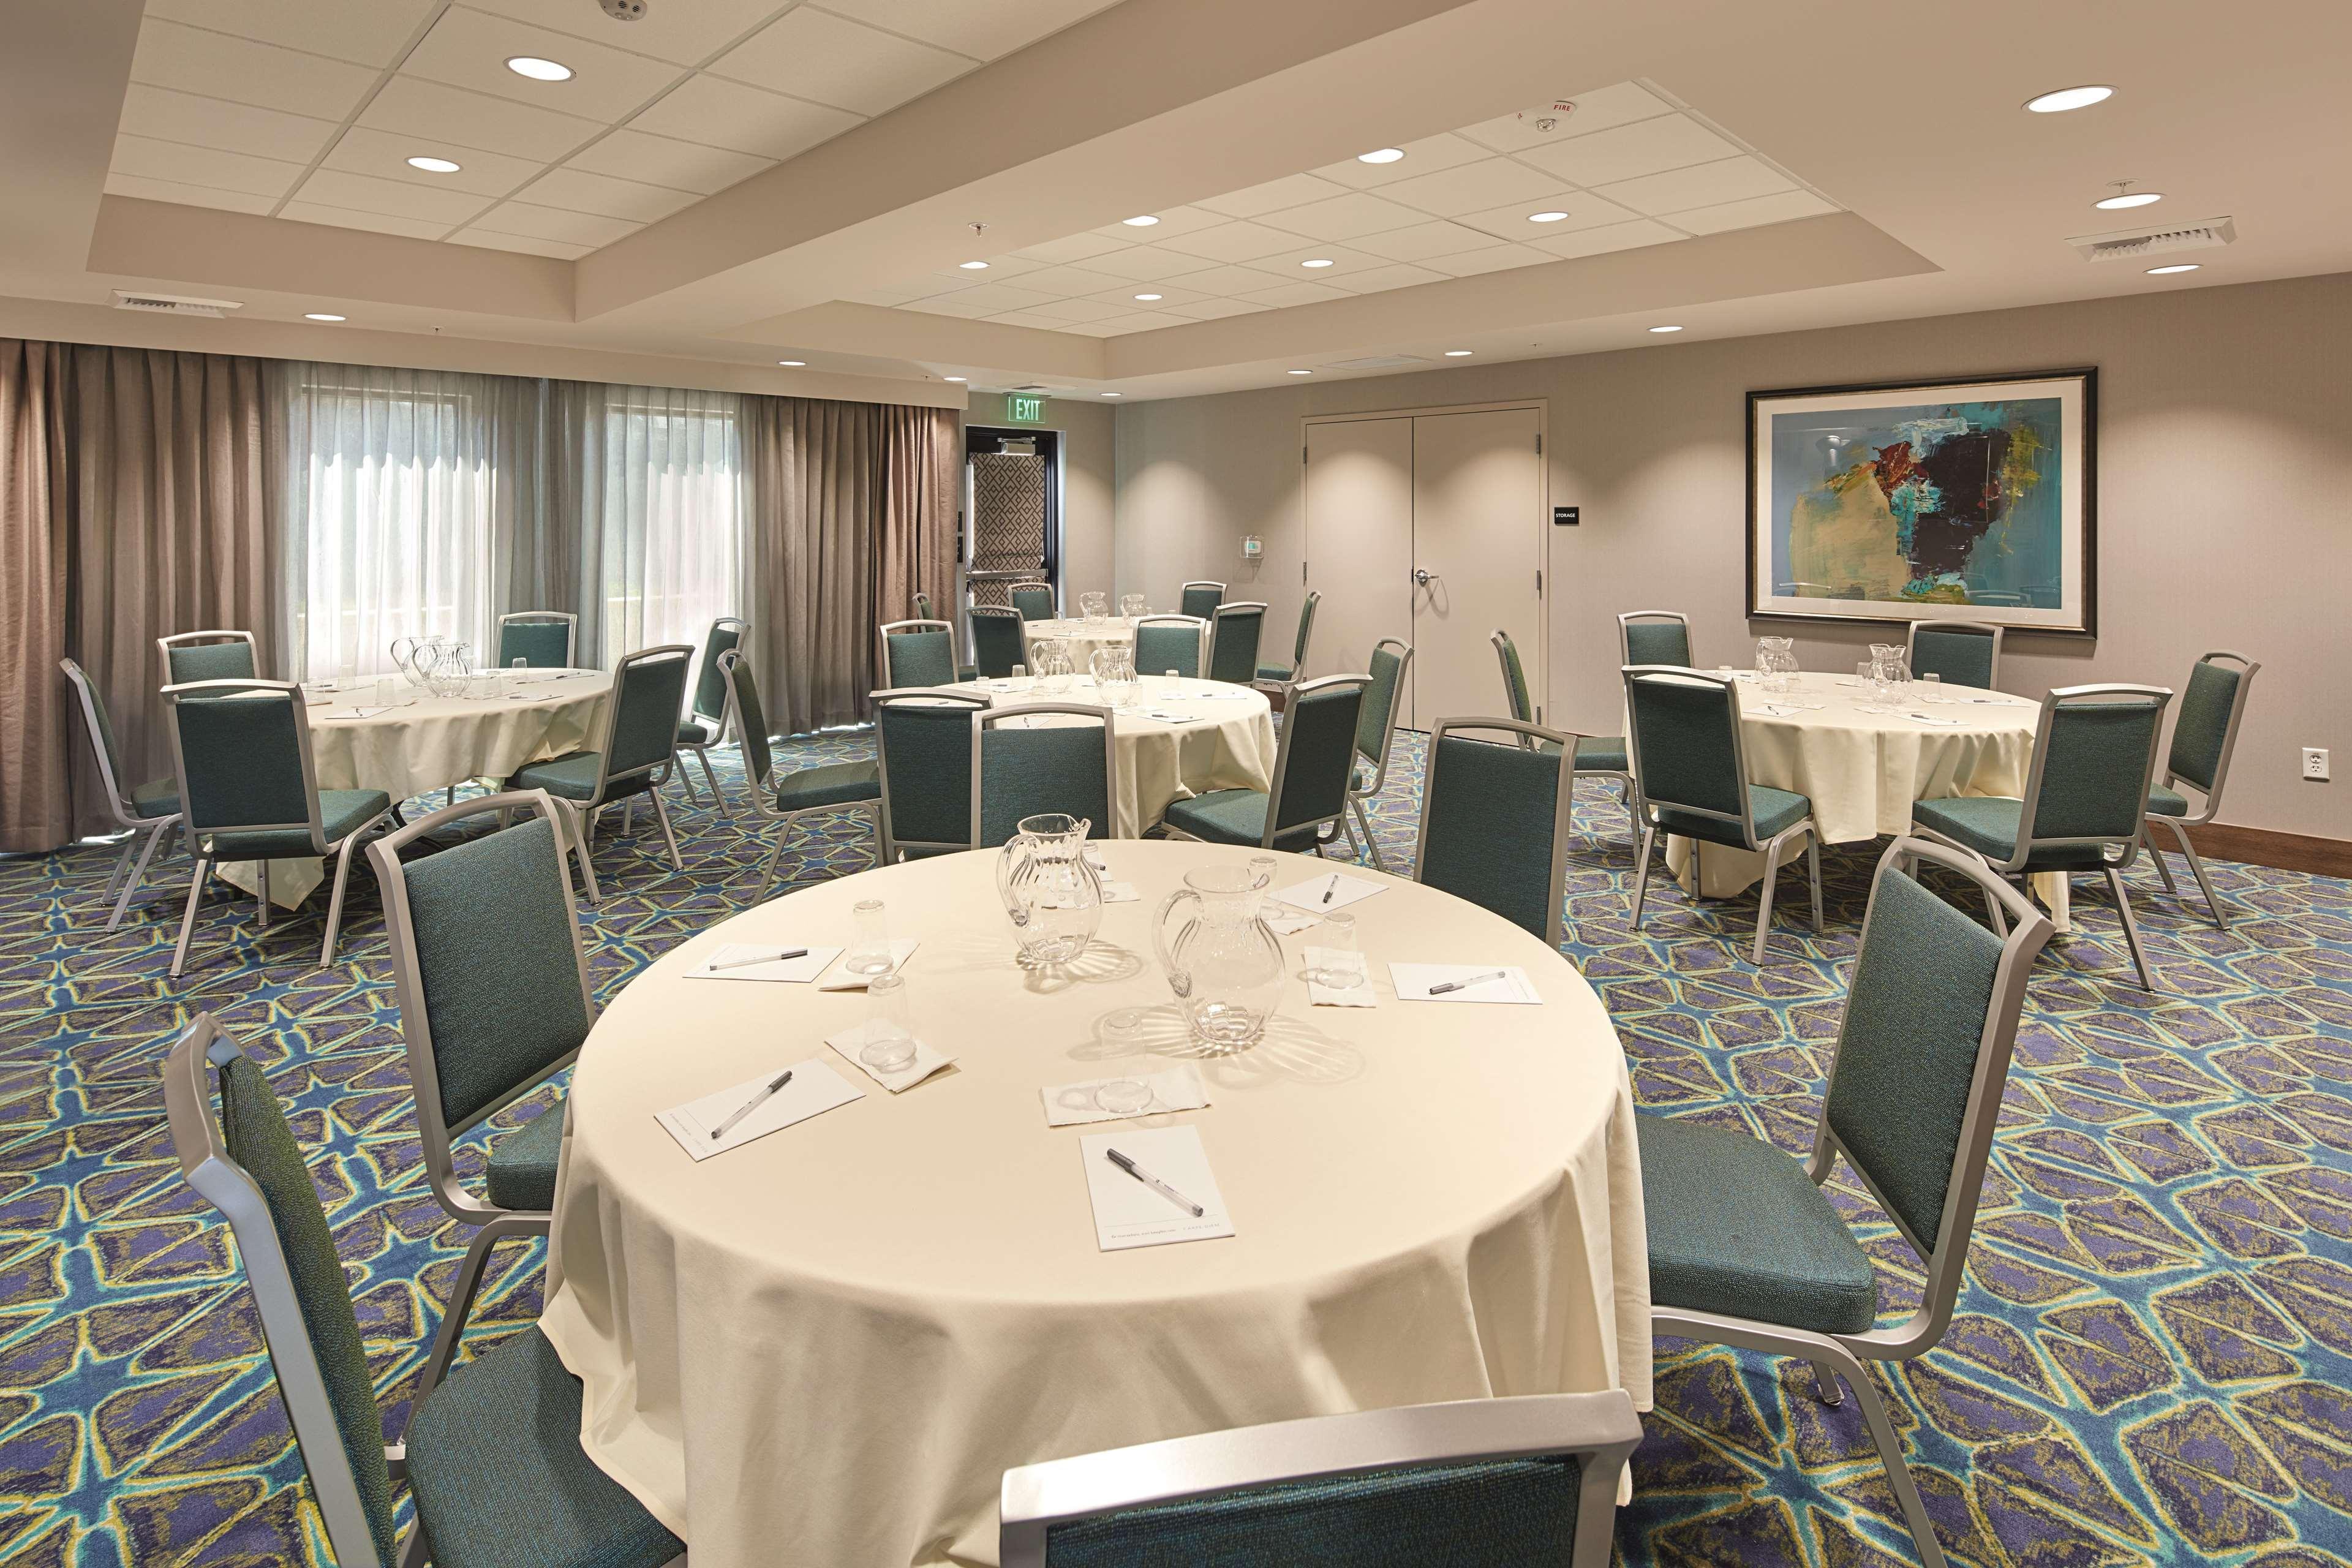 Hampton Inn & Suites Sacramento at CSUS image 0